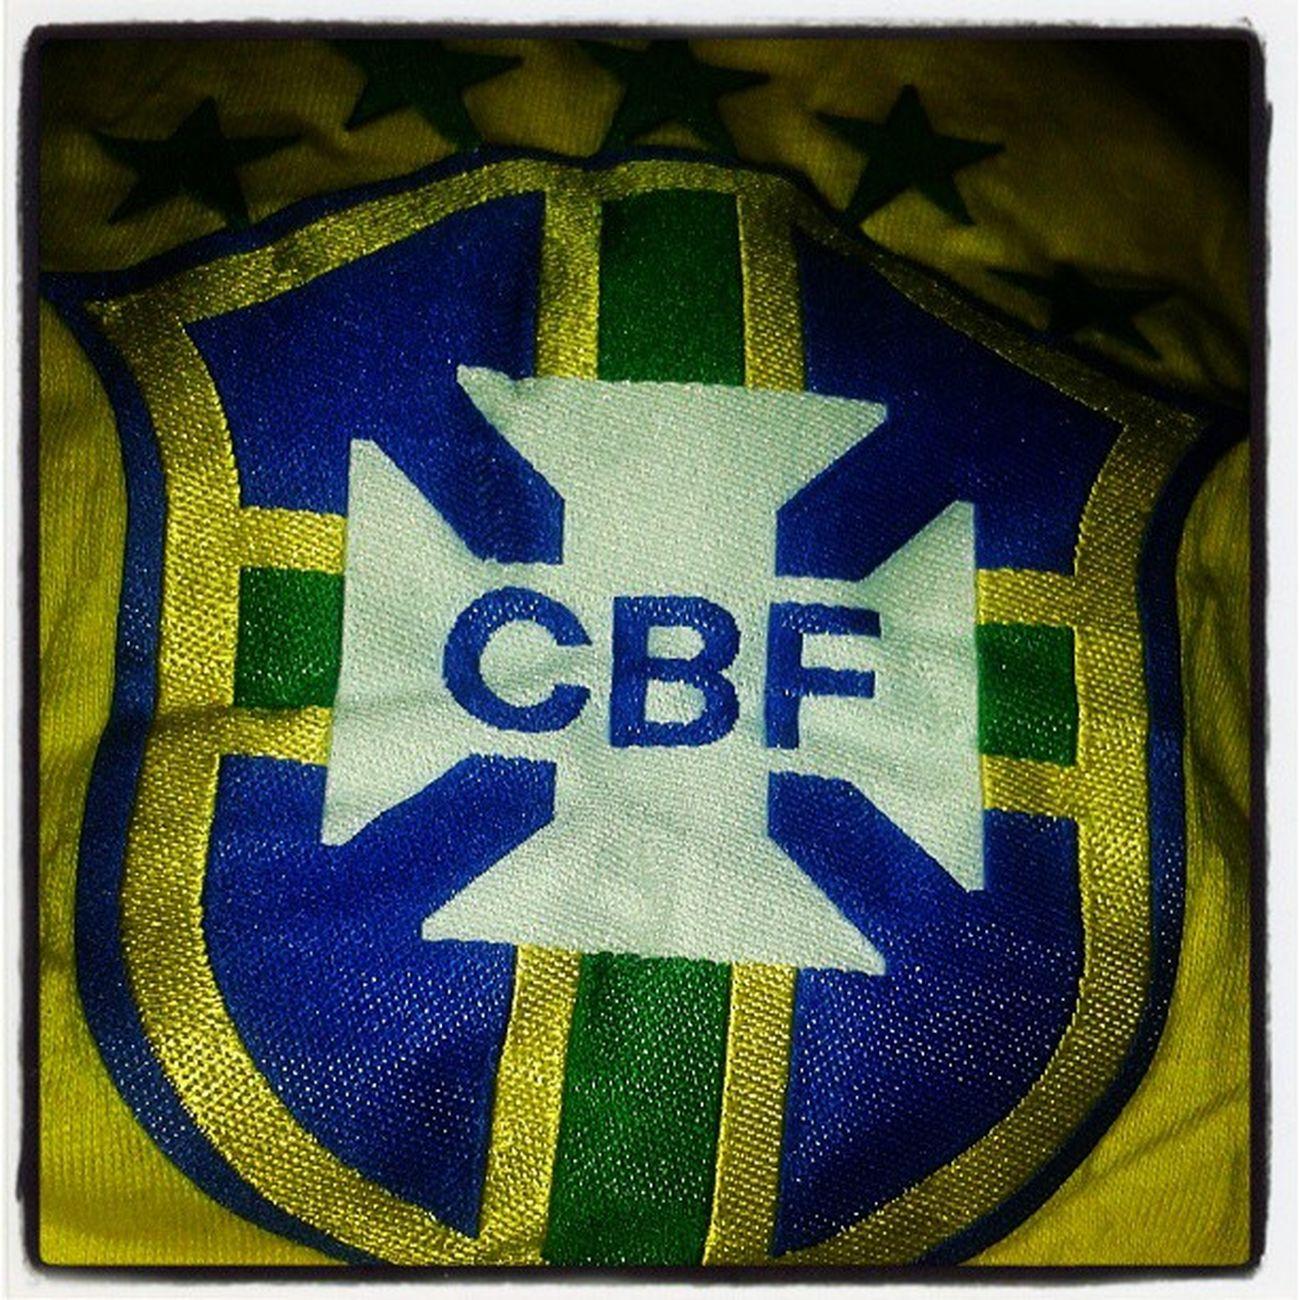 Brasil Brazil Penta Copa2014 Copaconfederacoes2013 brasil